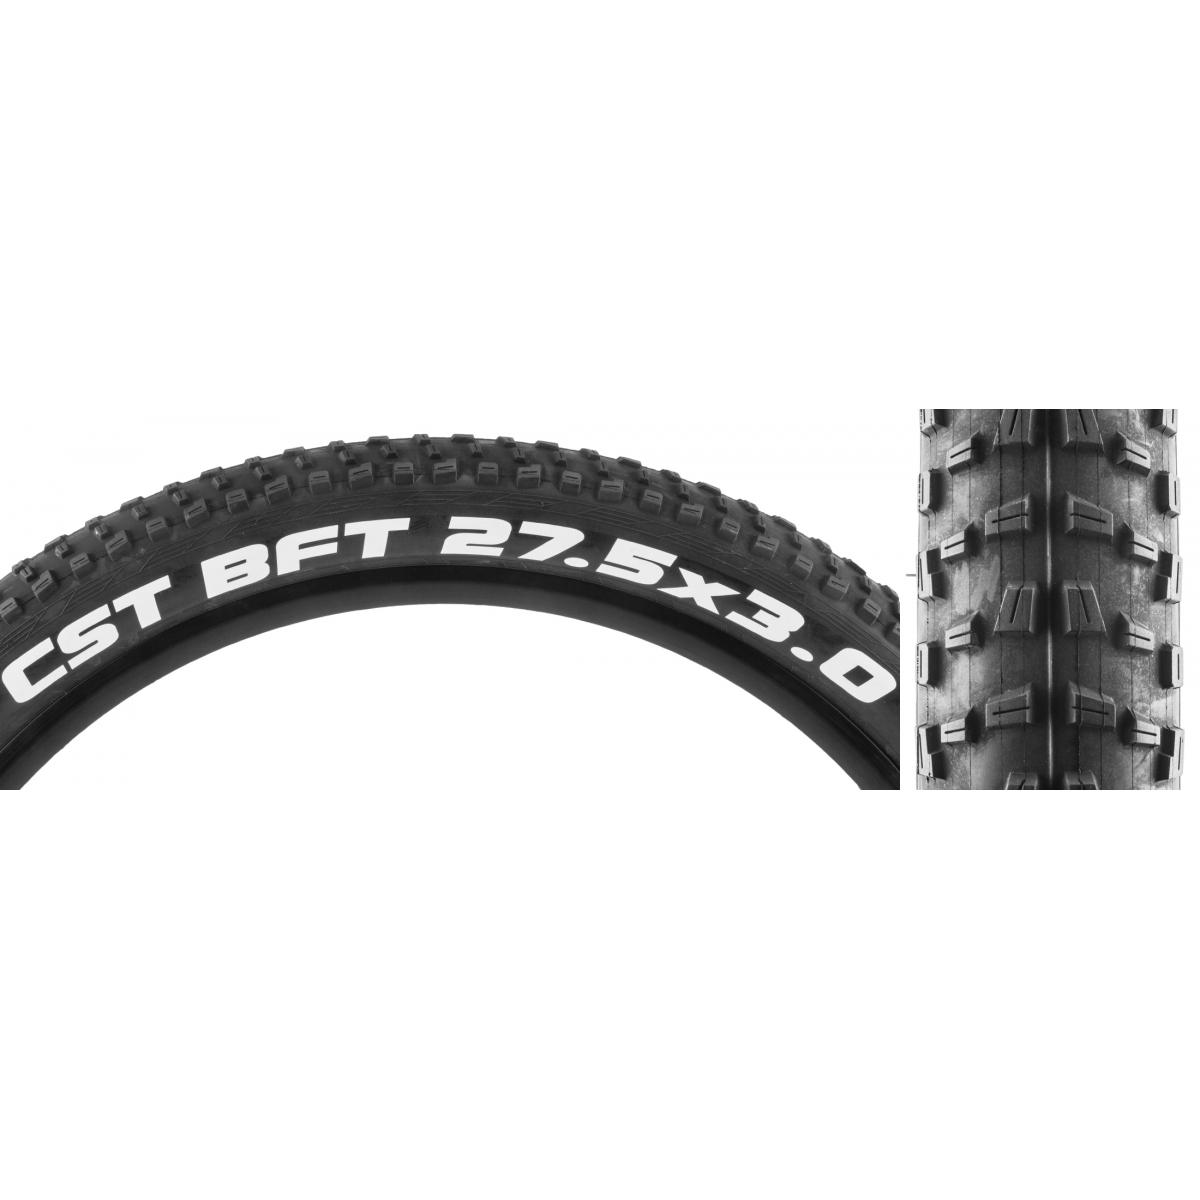 CST Premium BFT 27.5x2.4 Black//Black Folding Eps